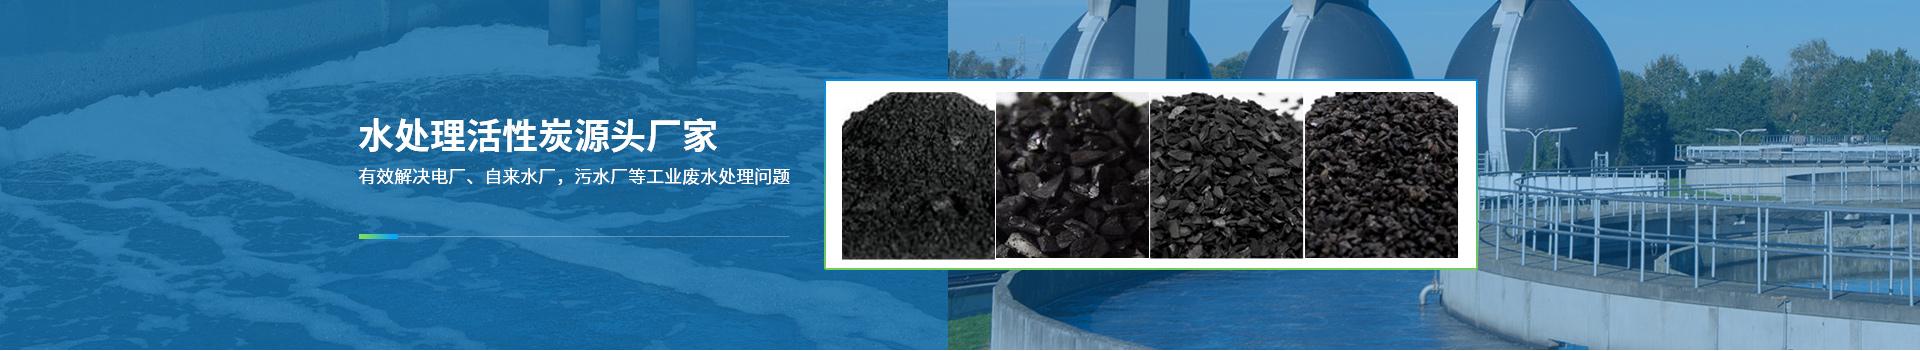 水处理活性炭源头厂家